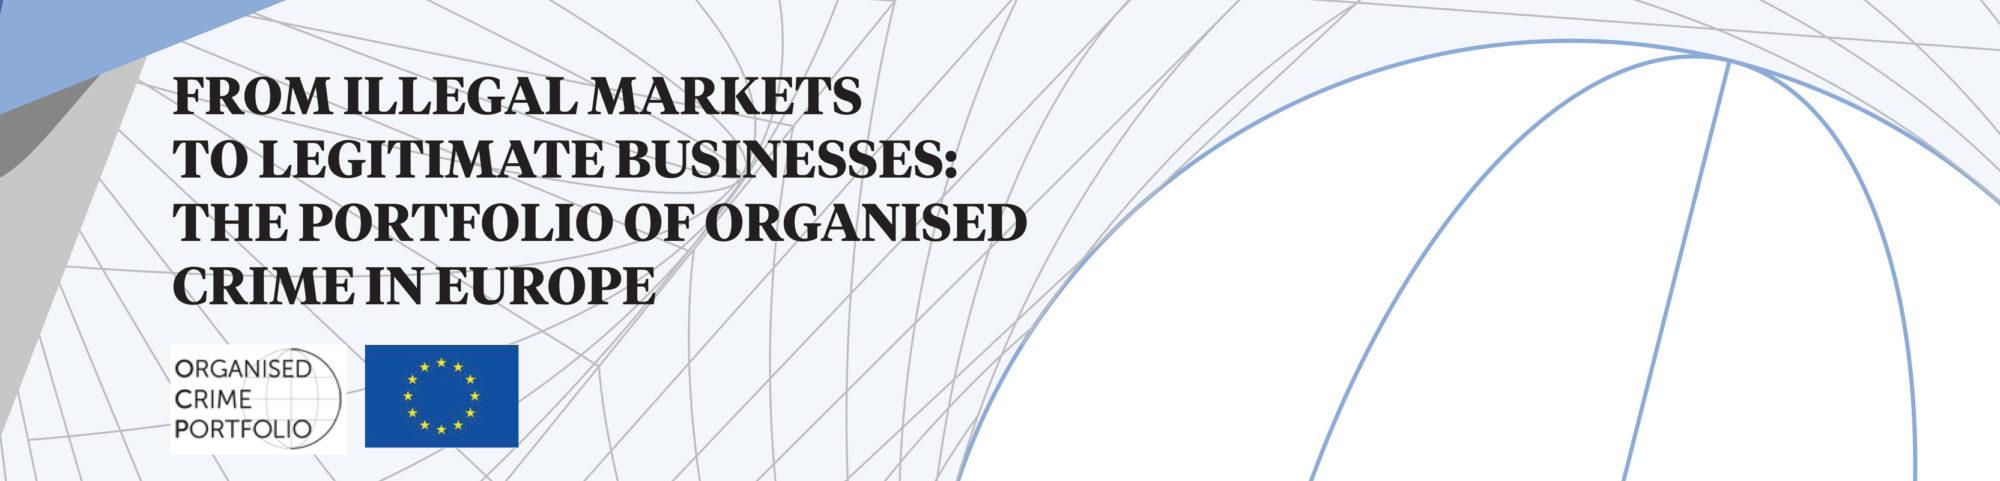 OCP – Organised crime portfolio